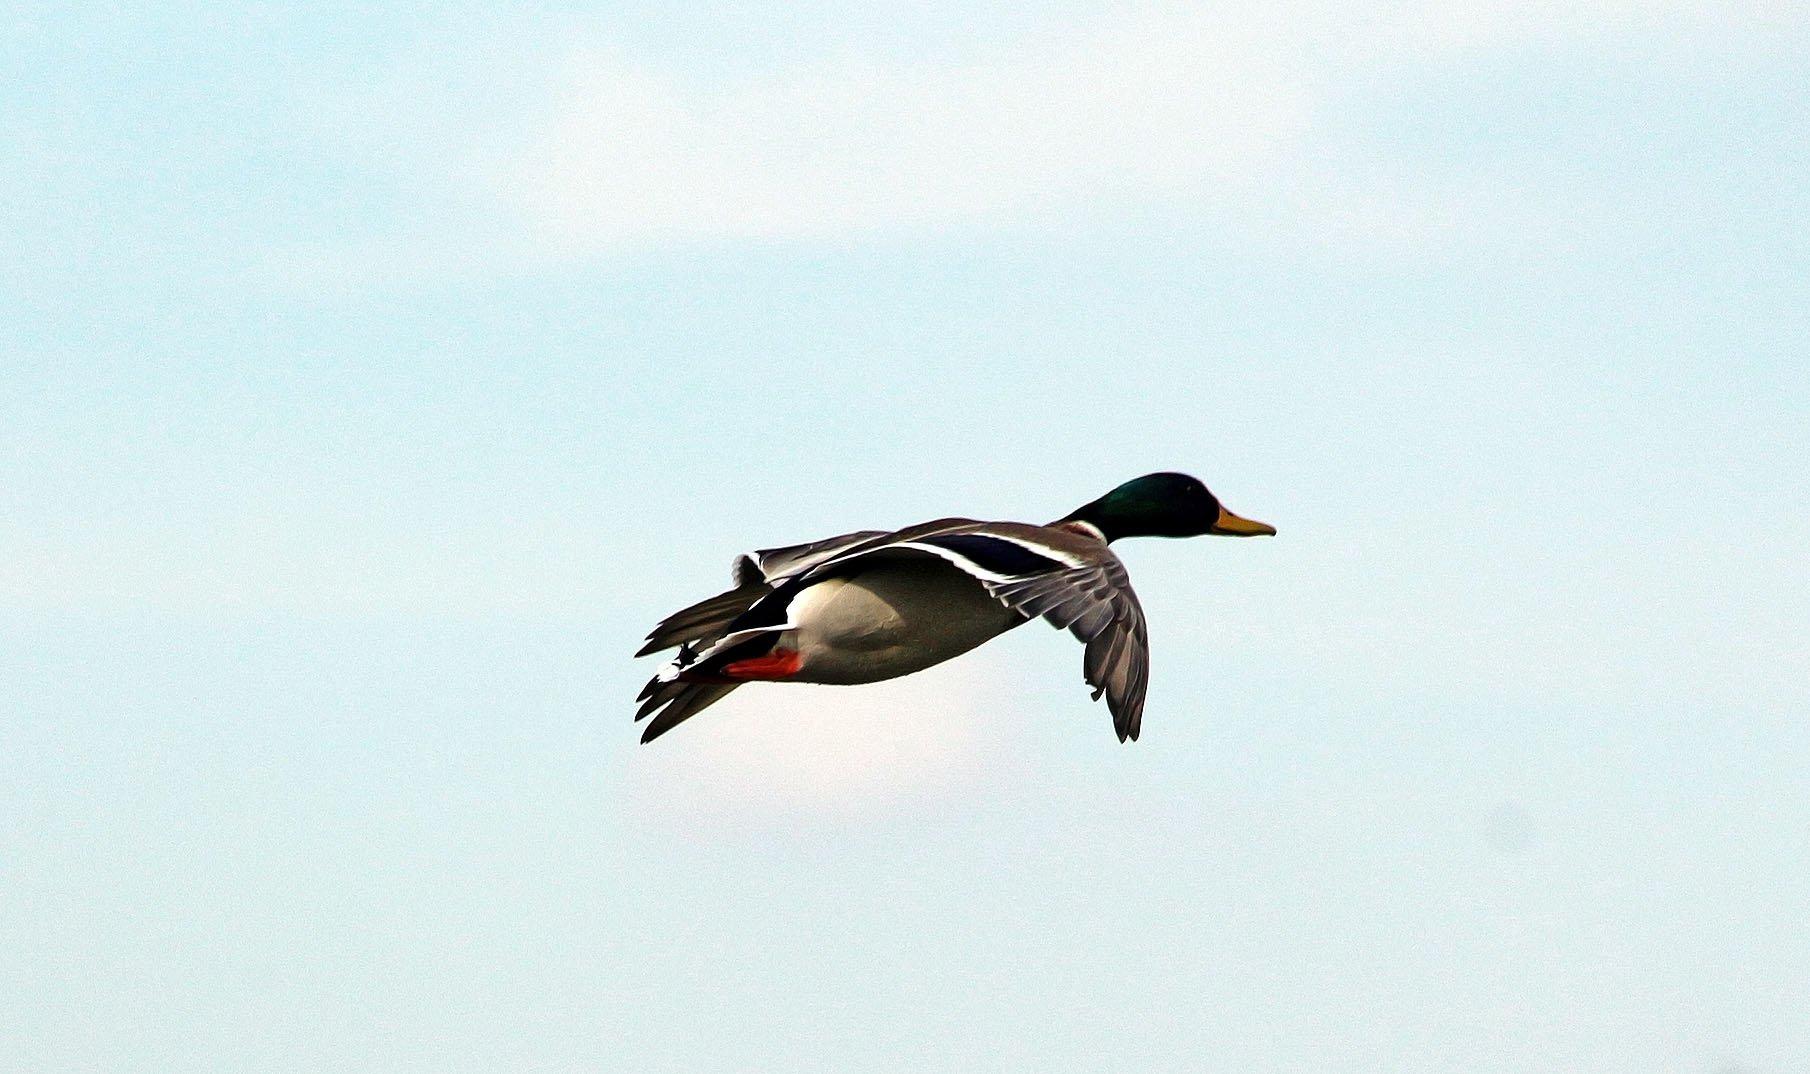 стильно фотографии летящих уток люди